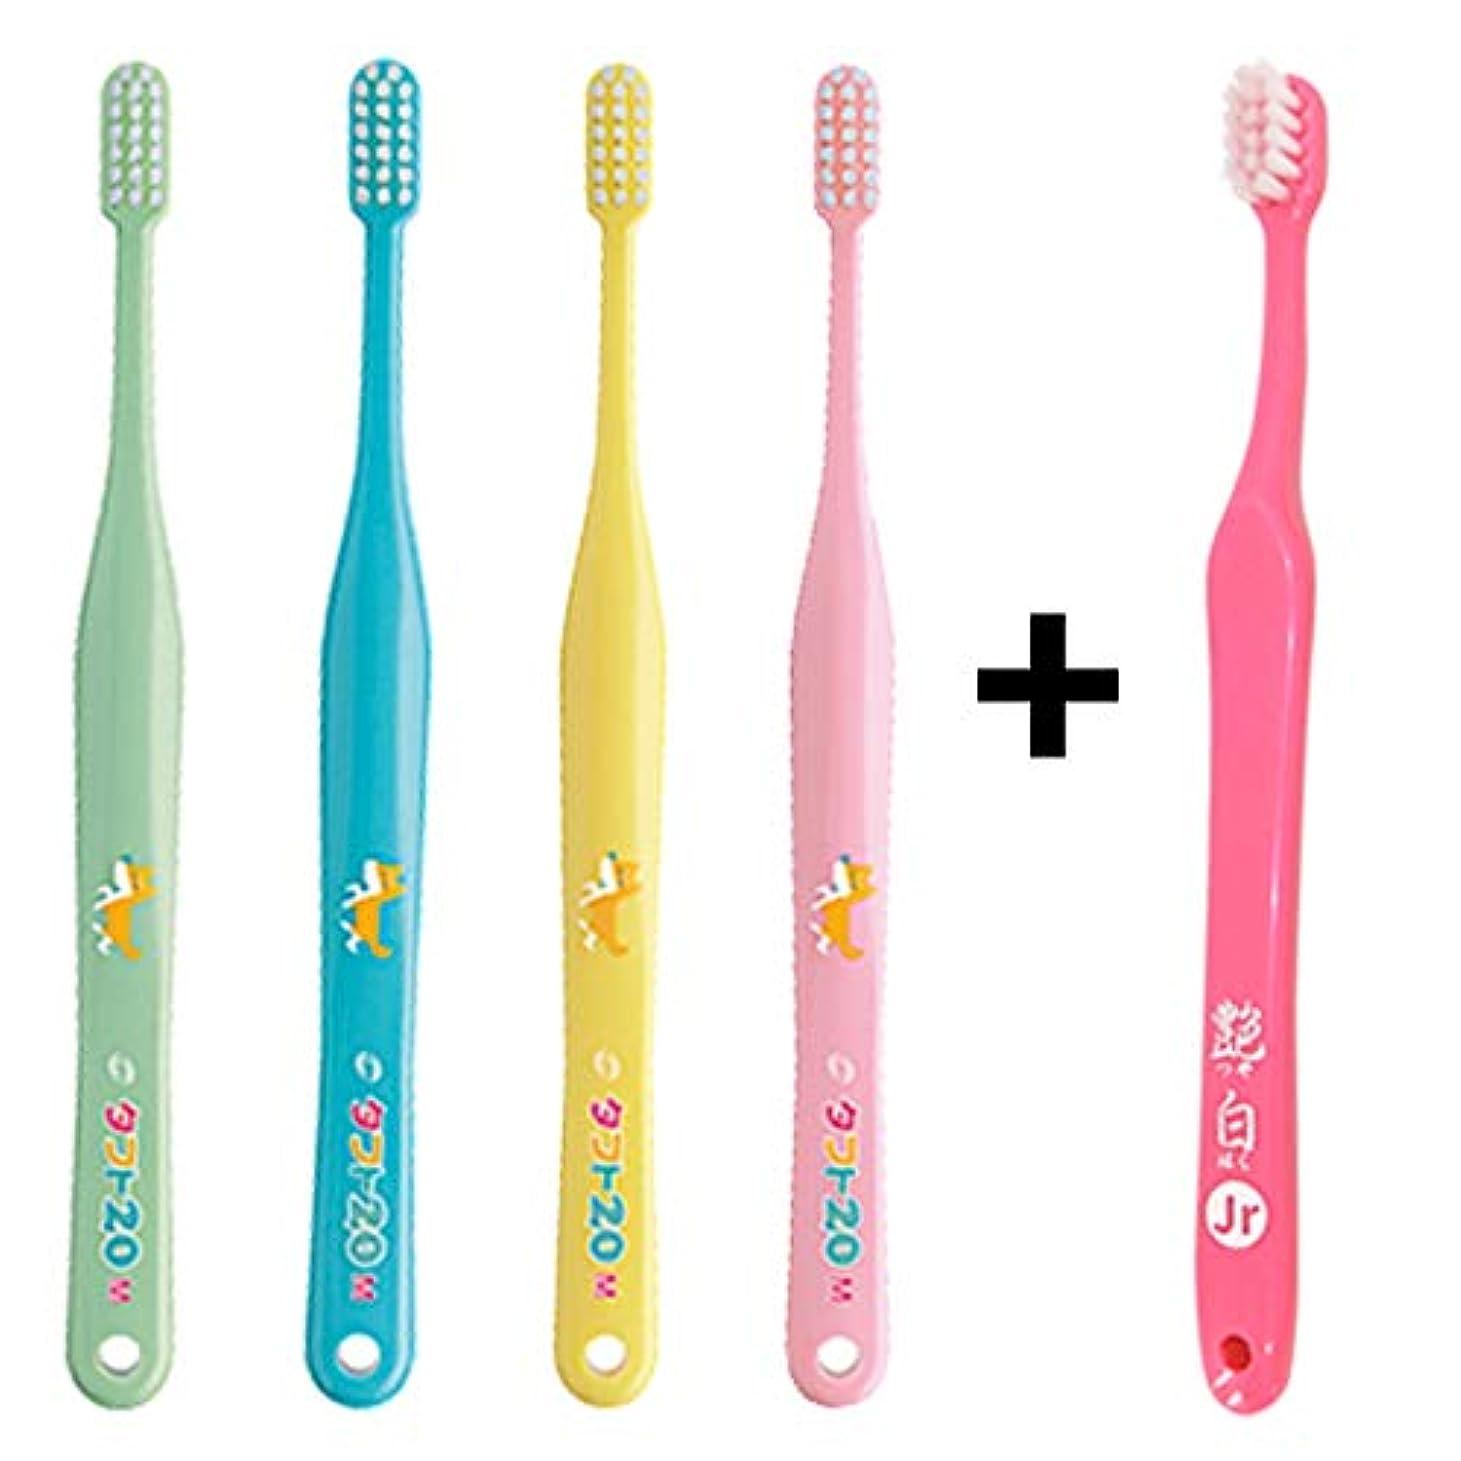 工業用ヒューム半ばタフト20 M(ふつう) こども 歯ブラシ×10本 + 艶白(つやはく) Jr ジュニア ハブラシ×1本 MS(やややわらかめ) 日本製 歯科専売品